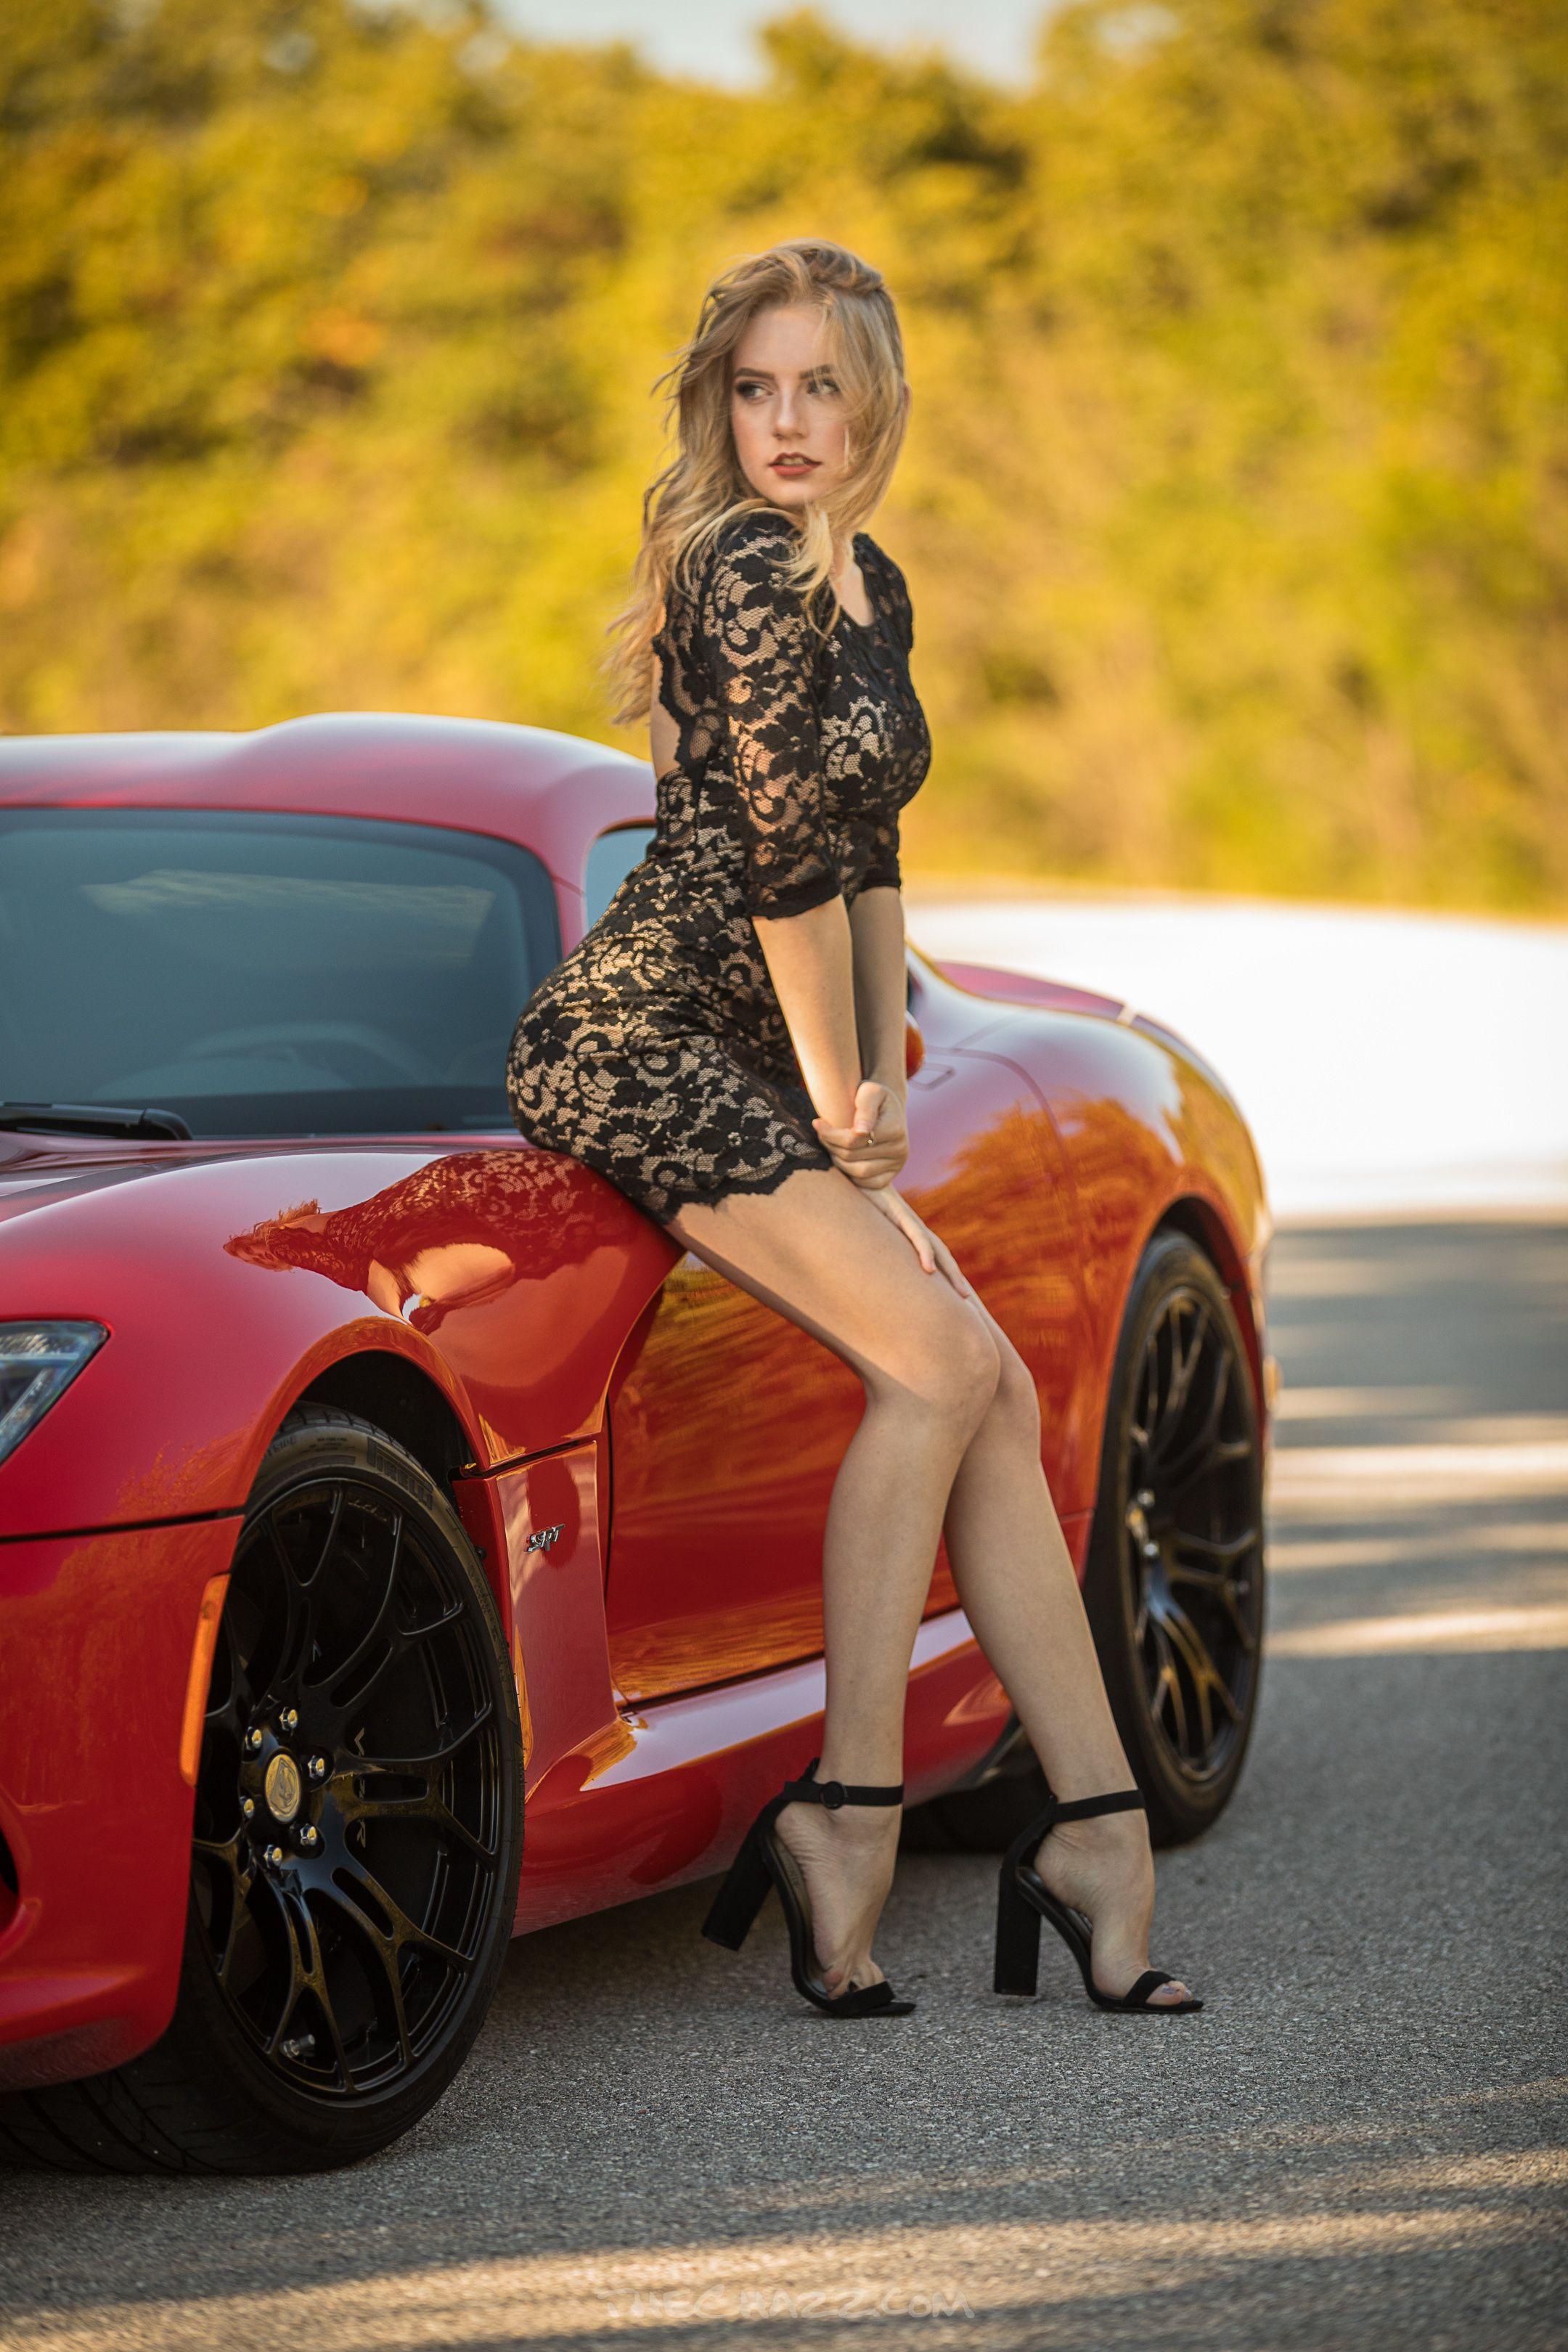 ผลการค้นหารูปภาพสำหรับ girl car